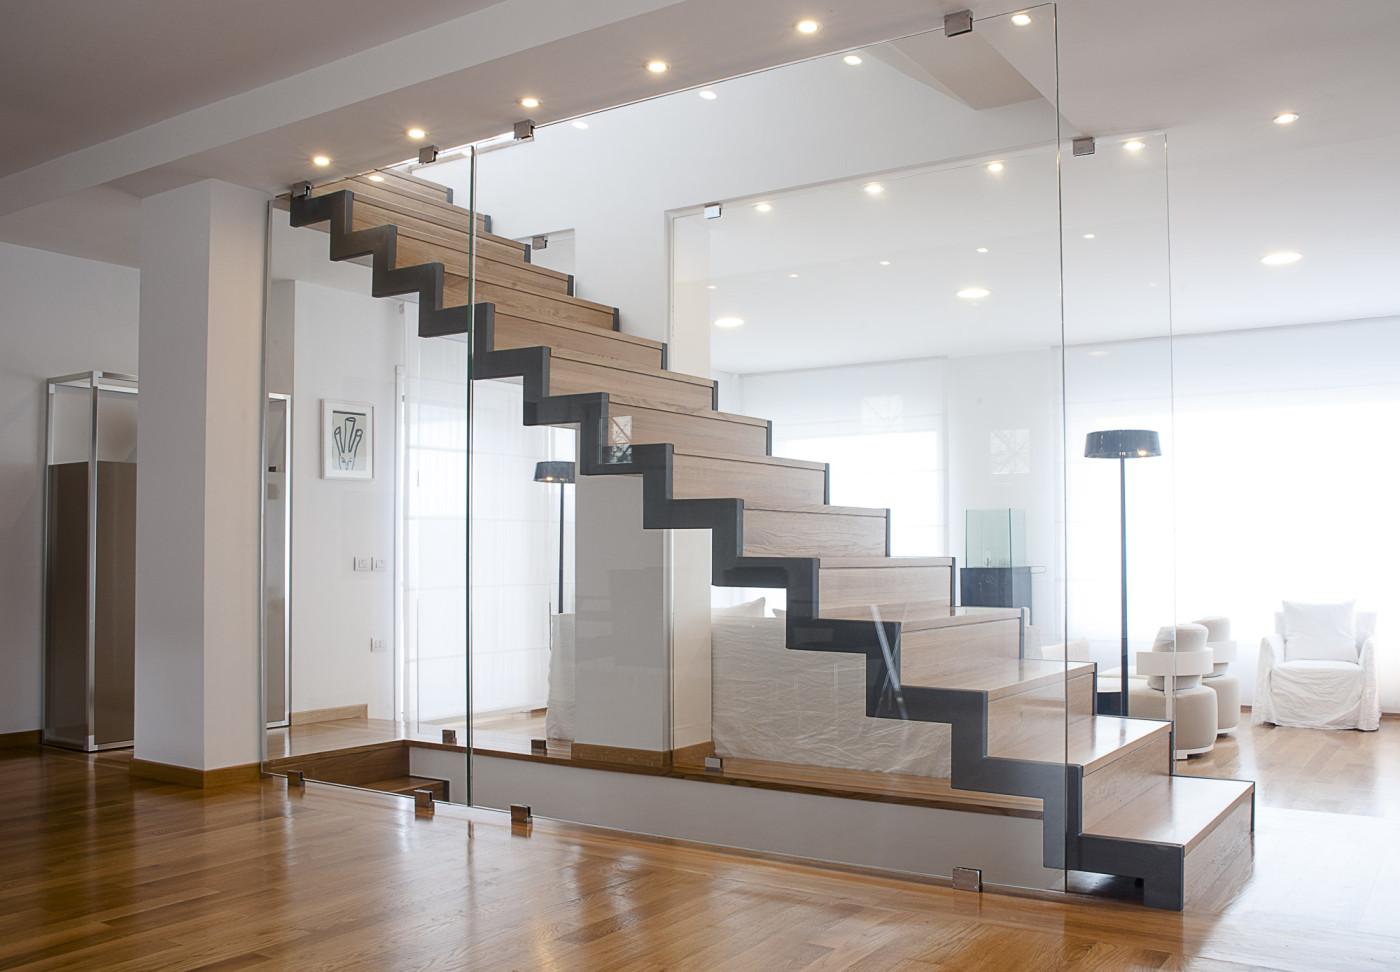 Interior design arredamento a benevento by gian paolo for Casas minimalistas modernas interiores